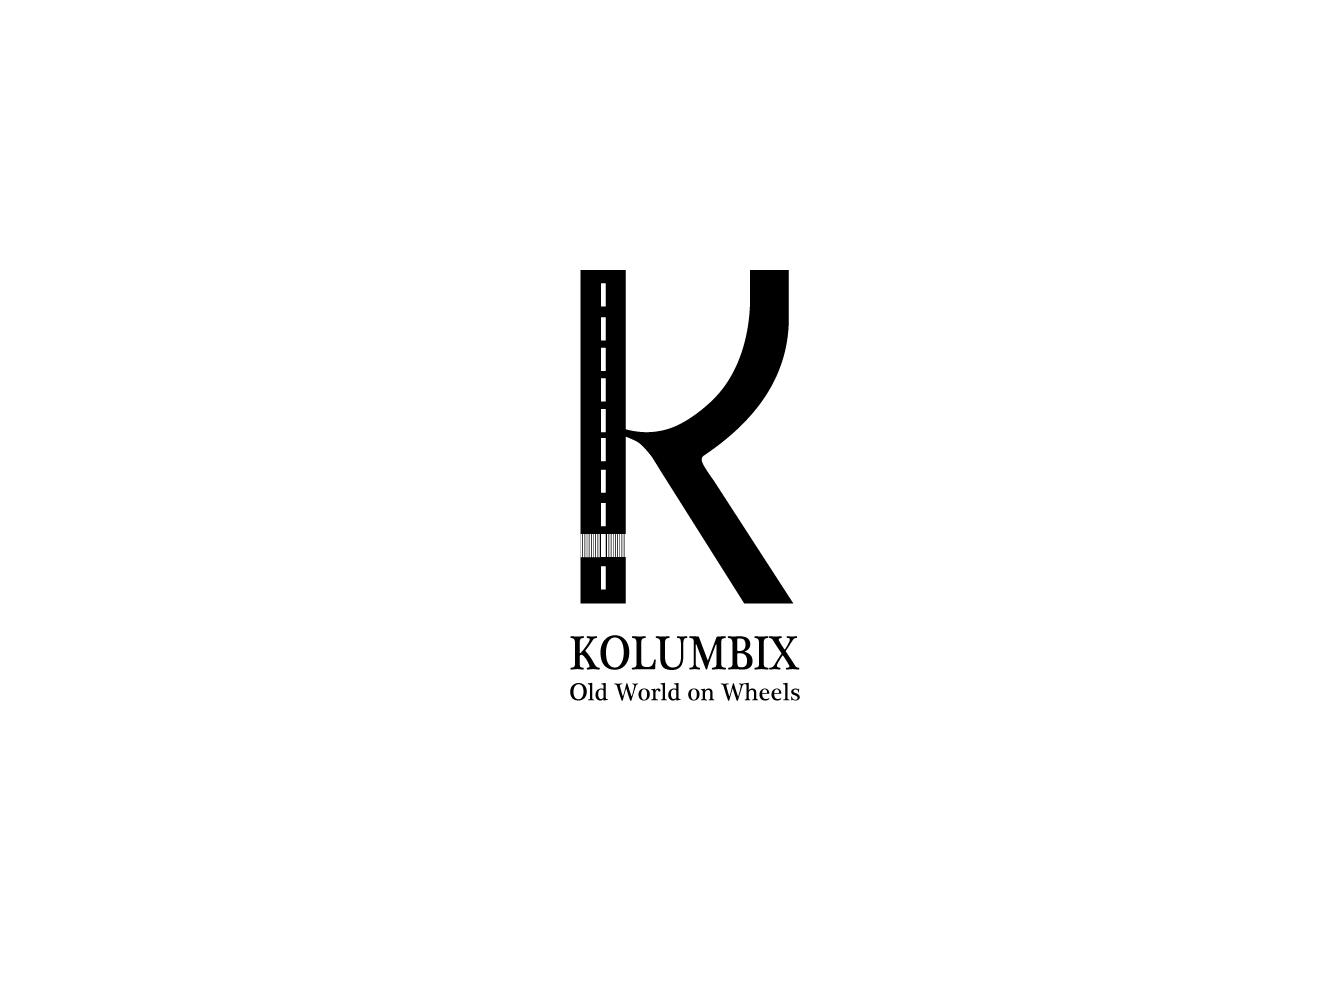 Создание логотипа для туристической фирмы Kolumbix фото f_4fb50a6e07d35.png